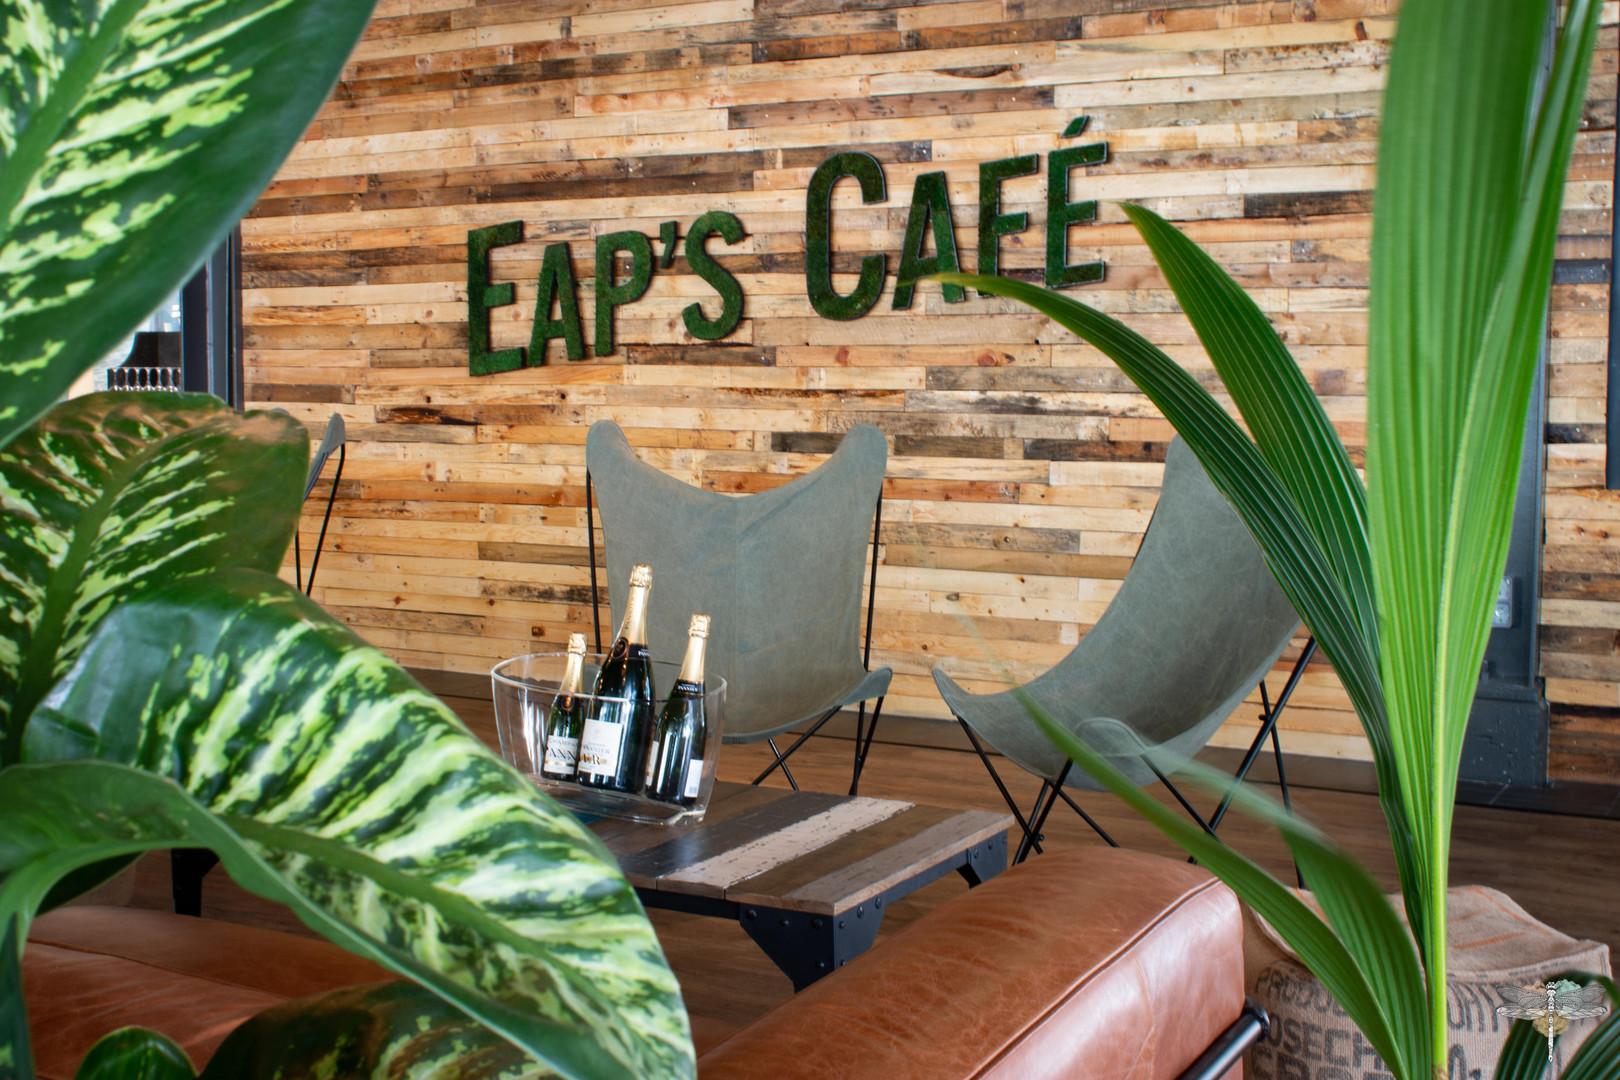 Agencement et décoration du restaurant industriel voyage EAP's CAFE par Carnets Libellule. Coralie Vasseur est votre Décoratrice d'intérieur UFDI à Compiegne : logo végétal et mur en palettes de bois recyclées